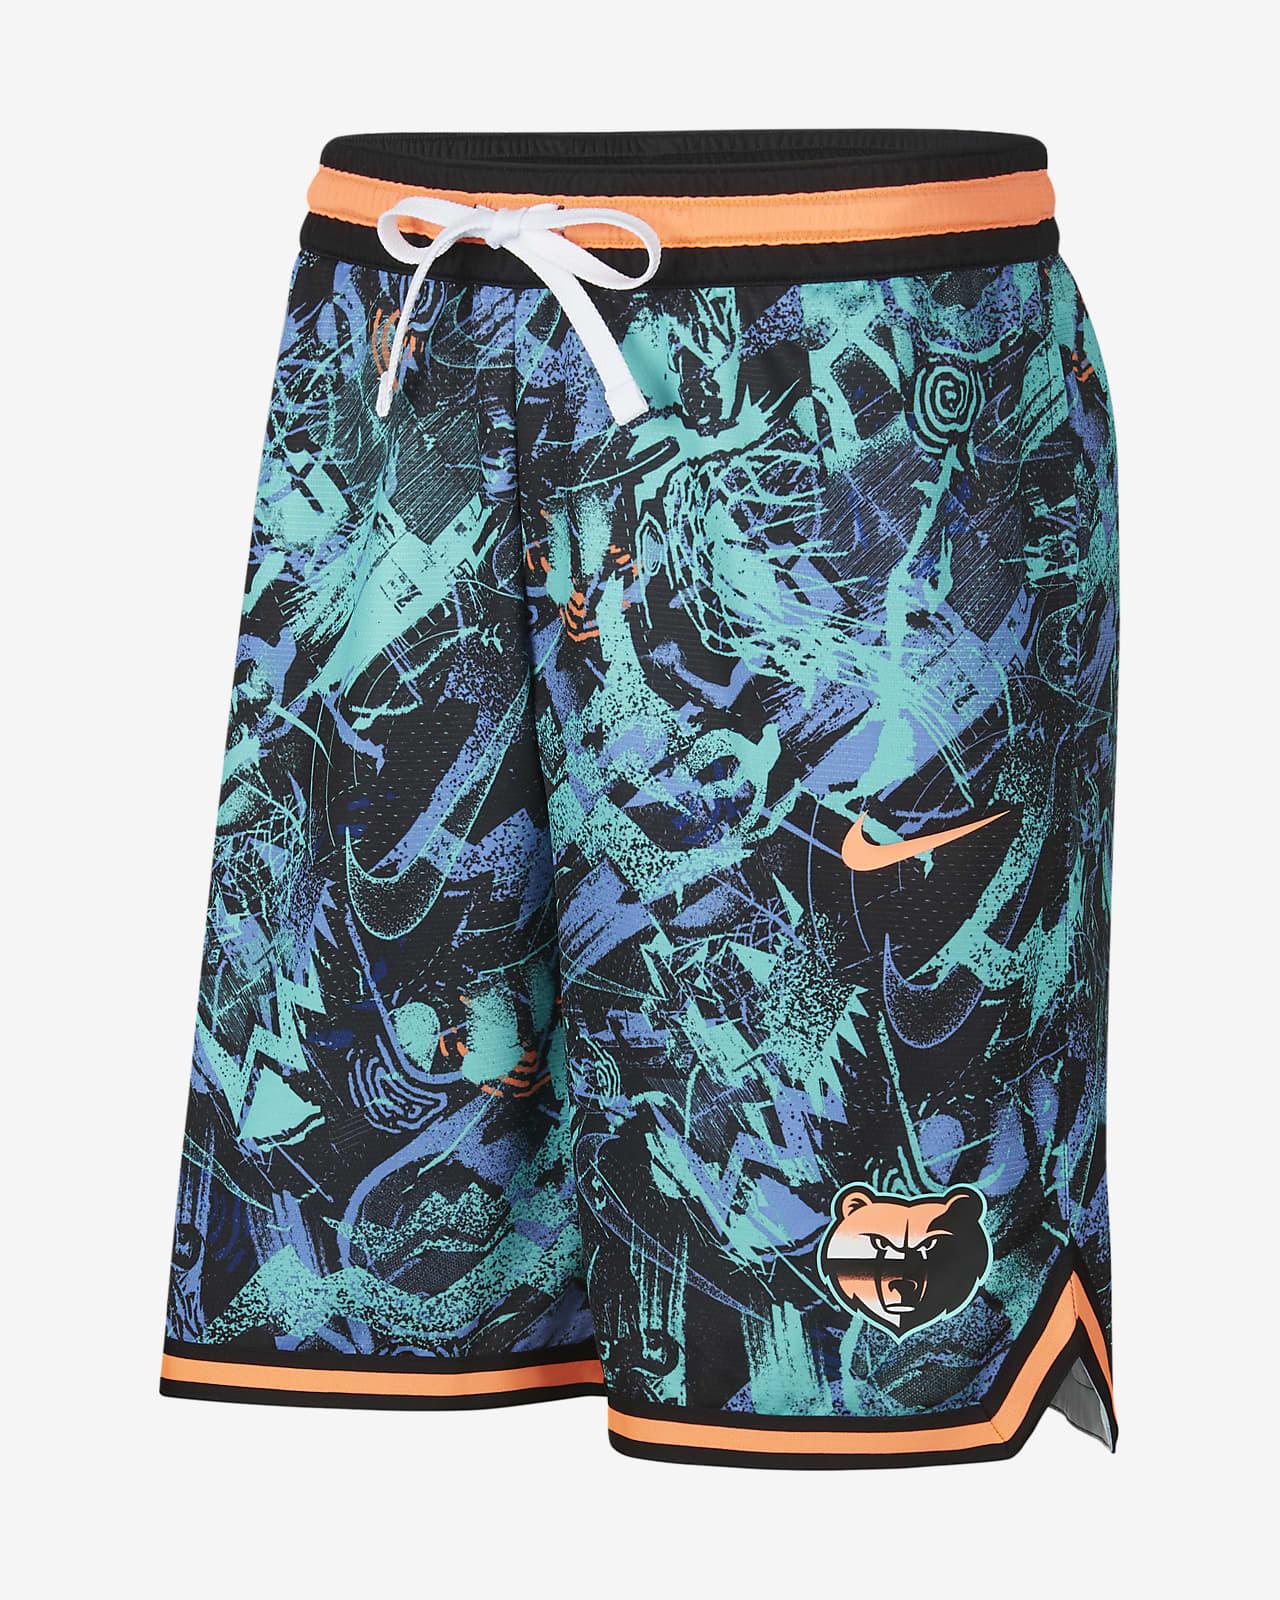 孟菲斯灰熊队 Select Series Nike NBA 男子印花篮球短裤